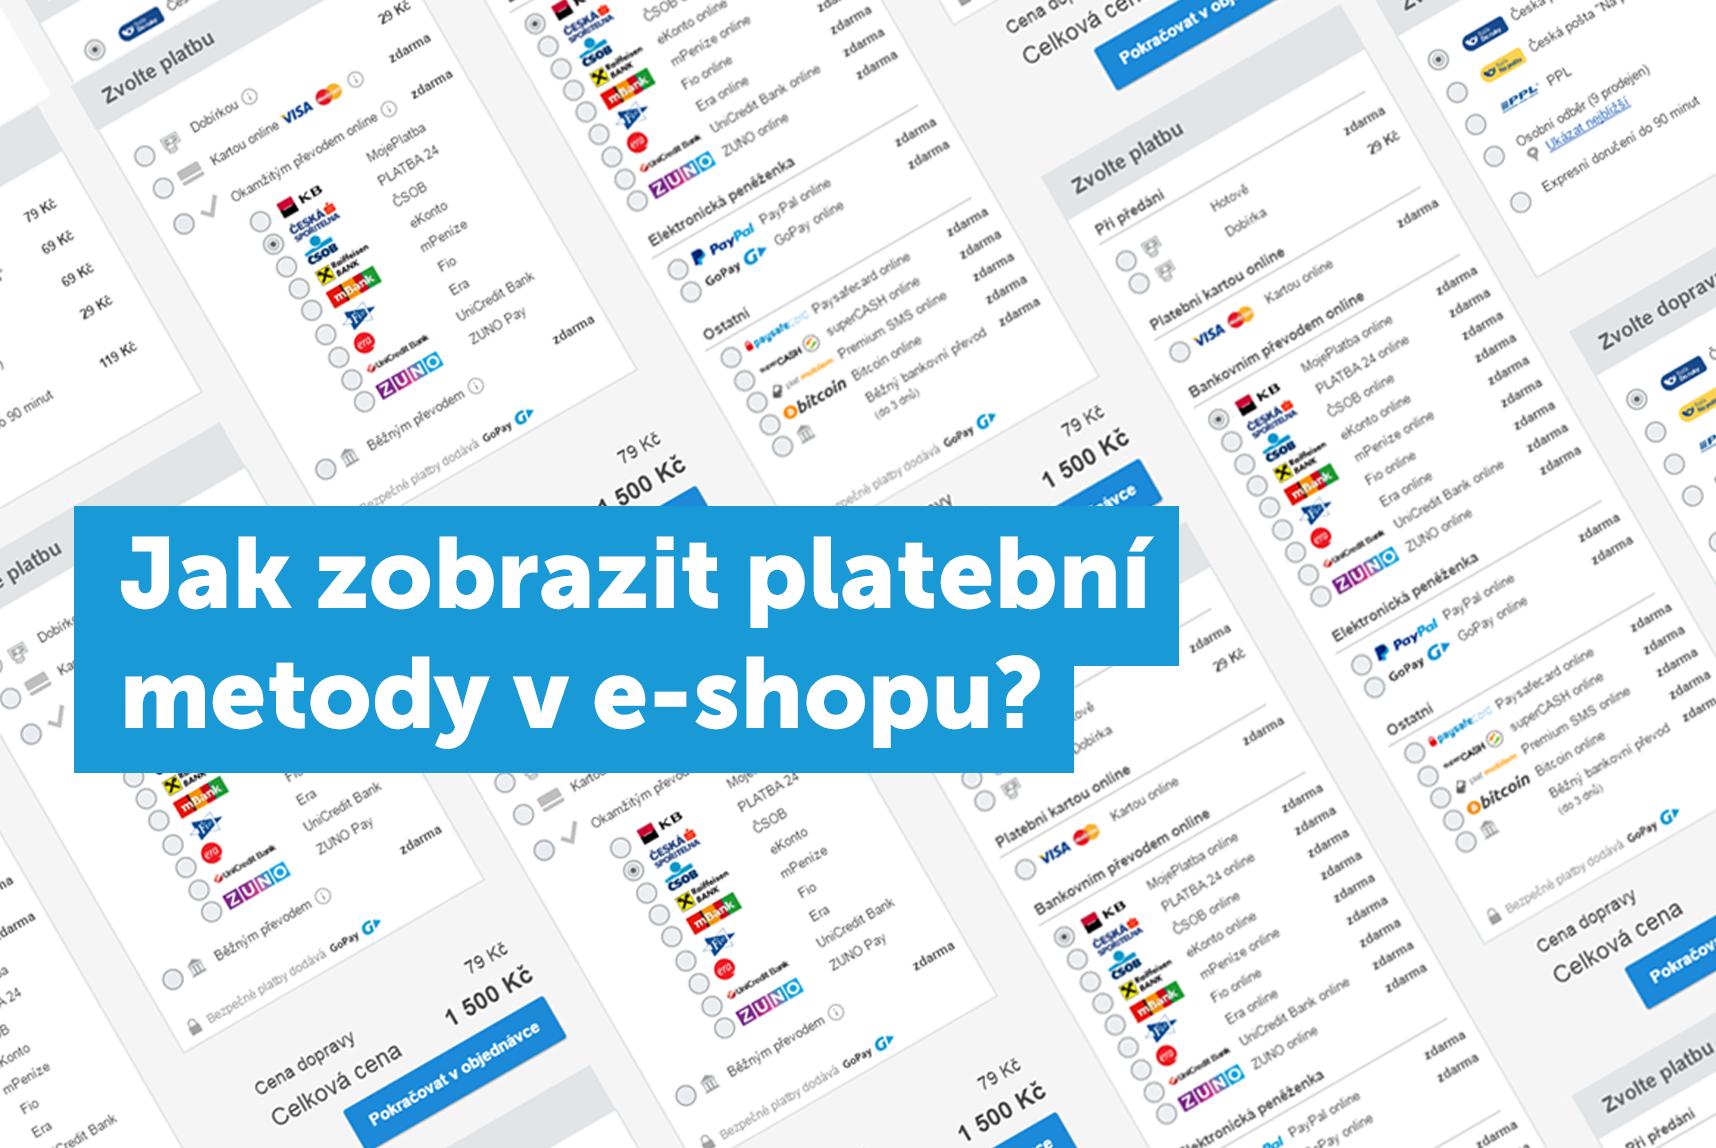 Jak zobrazit platební metody v e-shopu